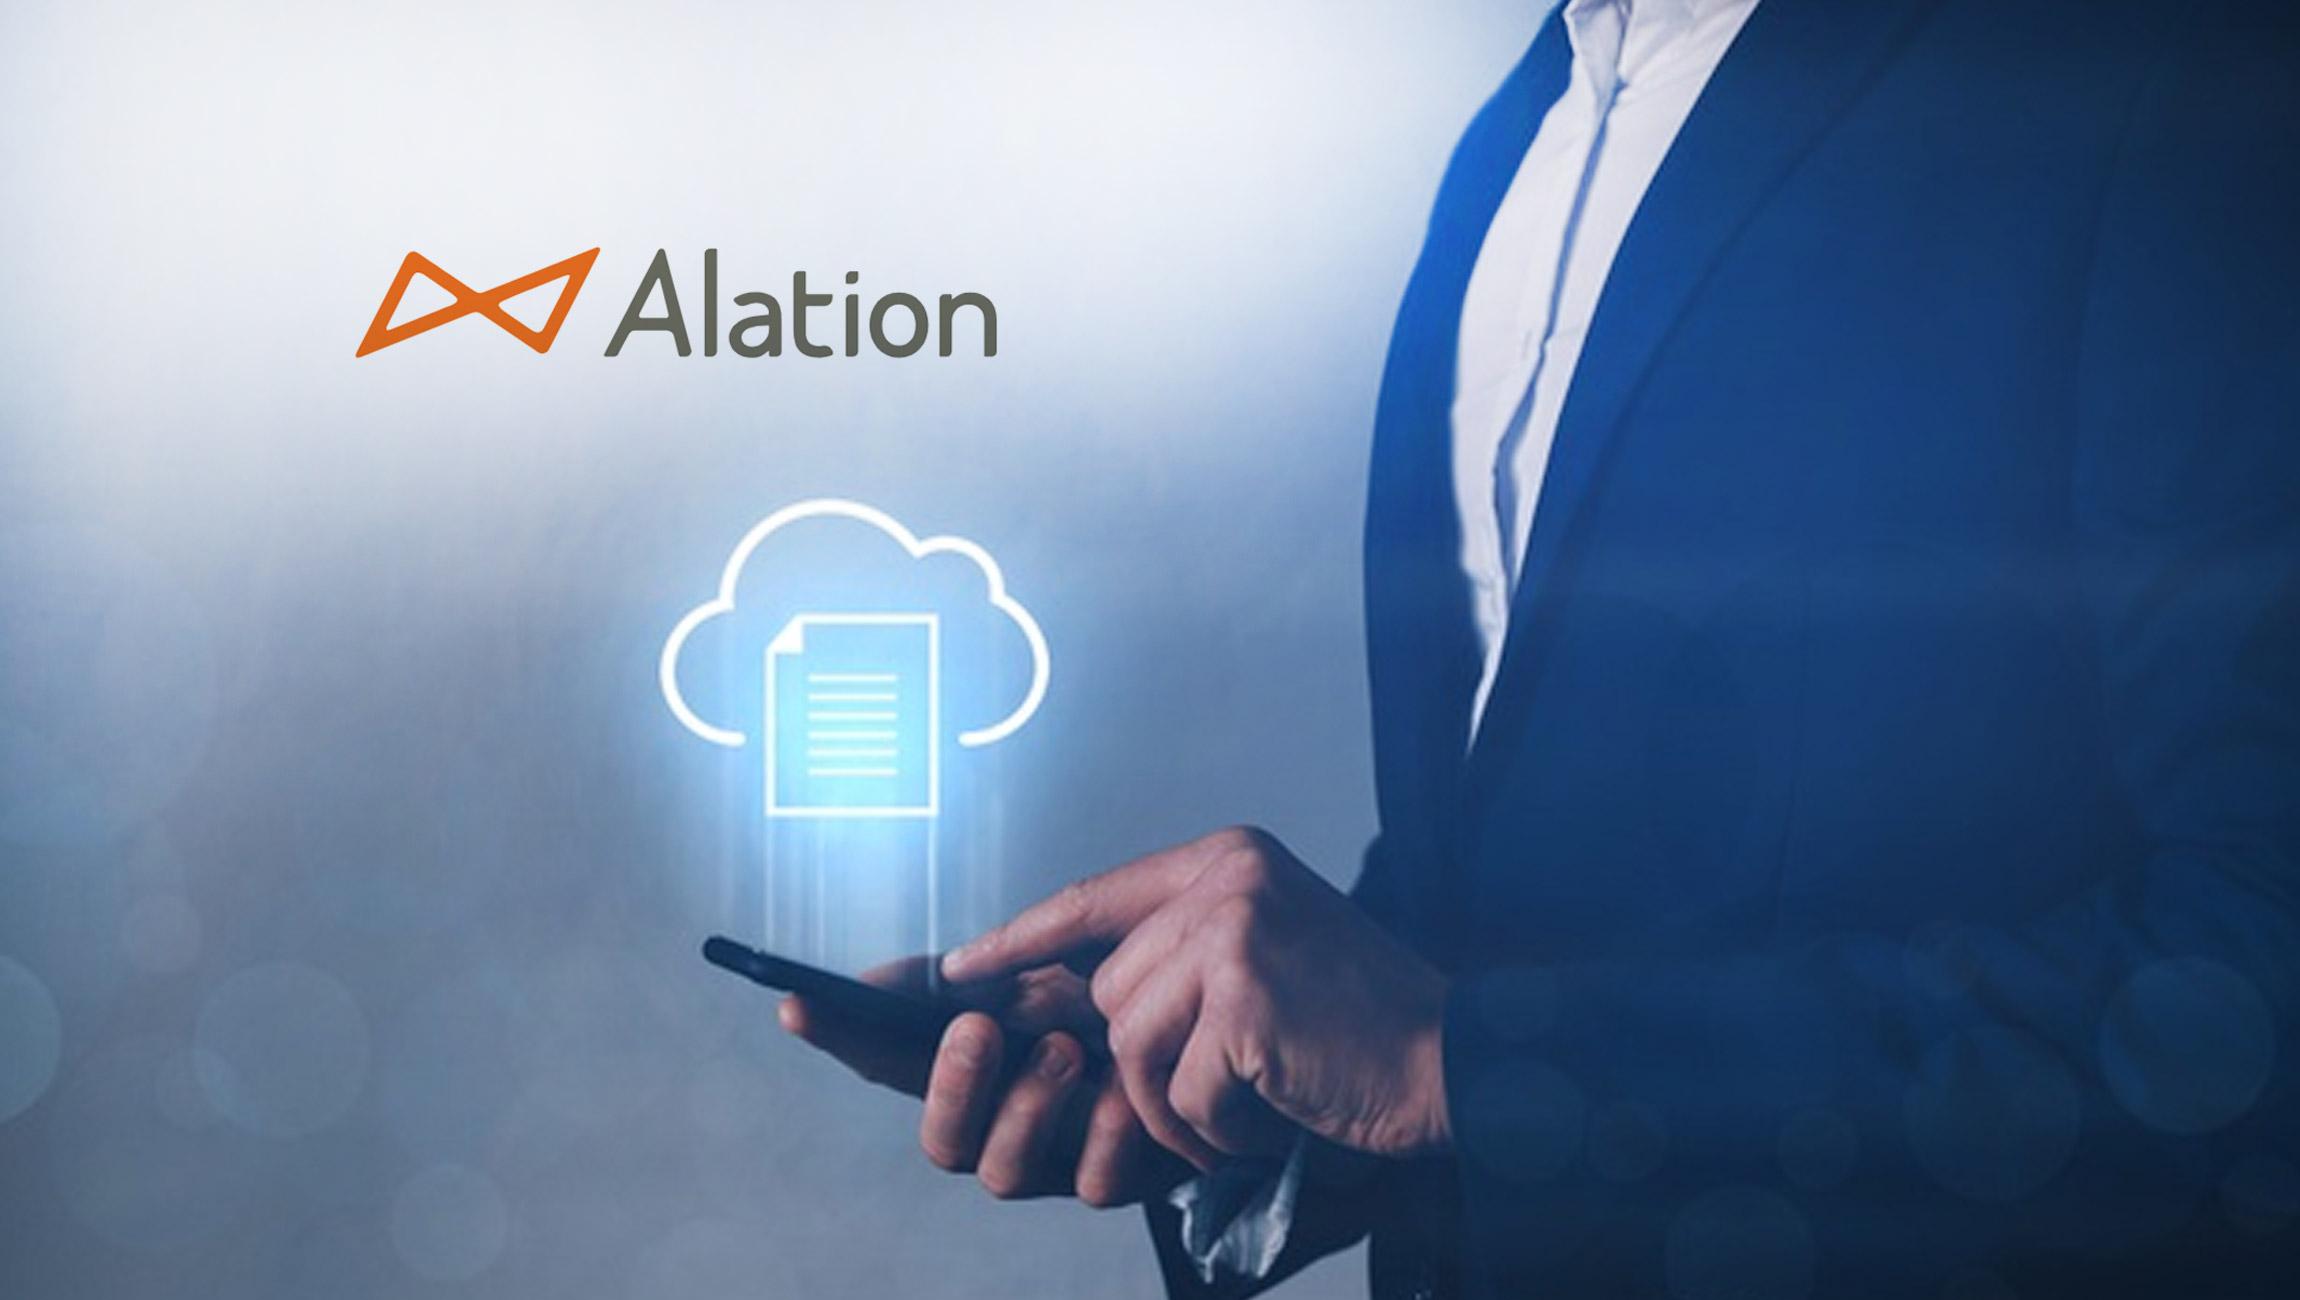 Alation Delivers Cloud-Based Platform For Data Intelligence